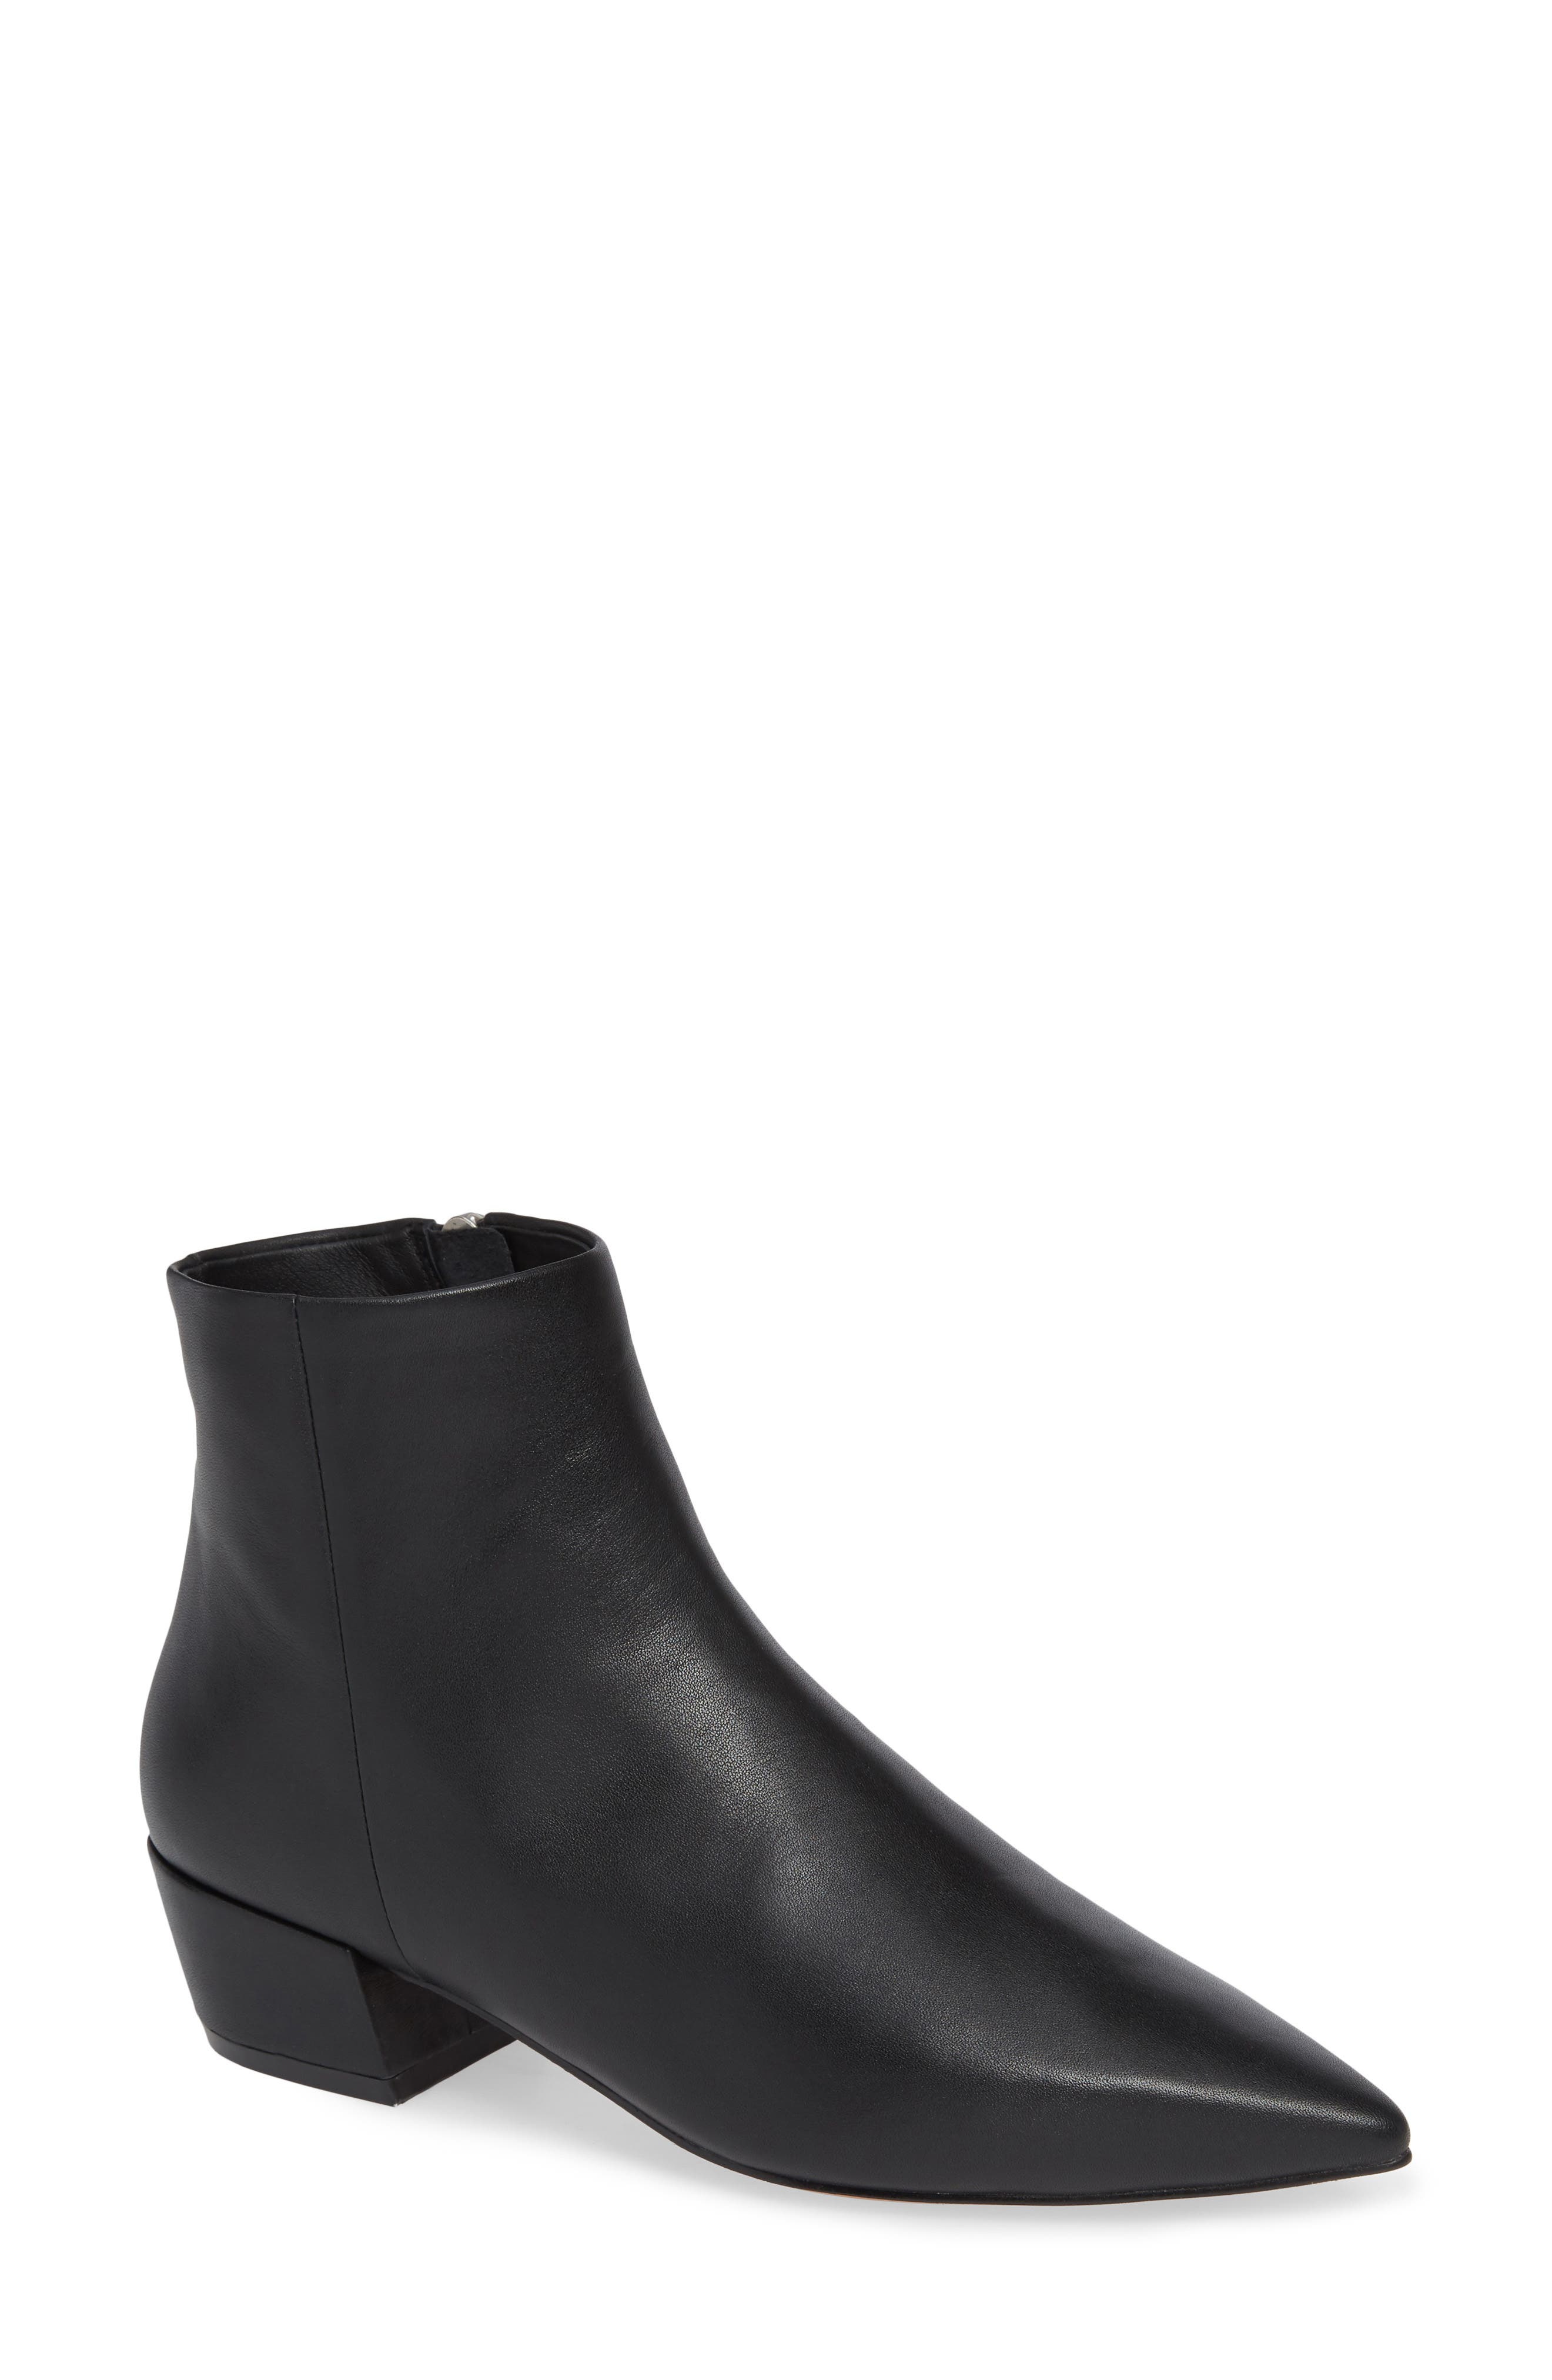 Linea Paolo Robyn Waterproof Boot- Black